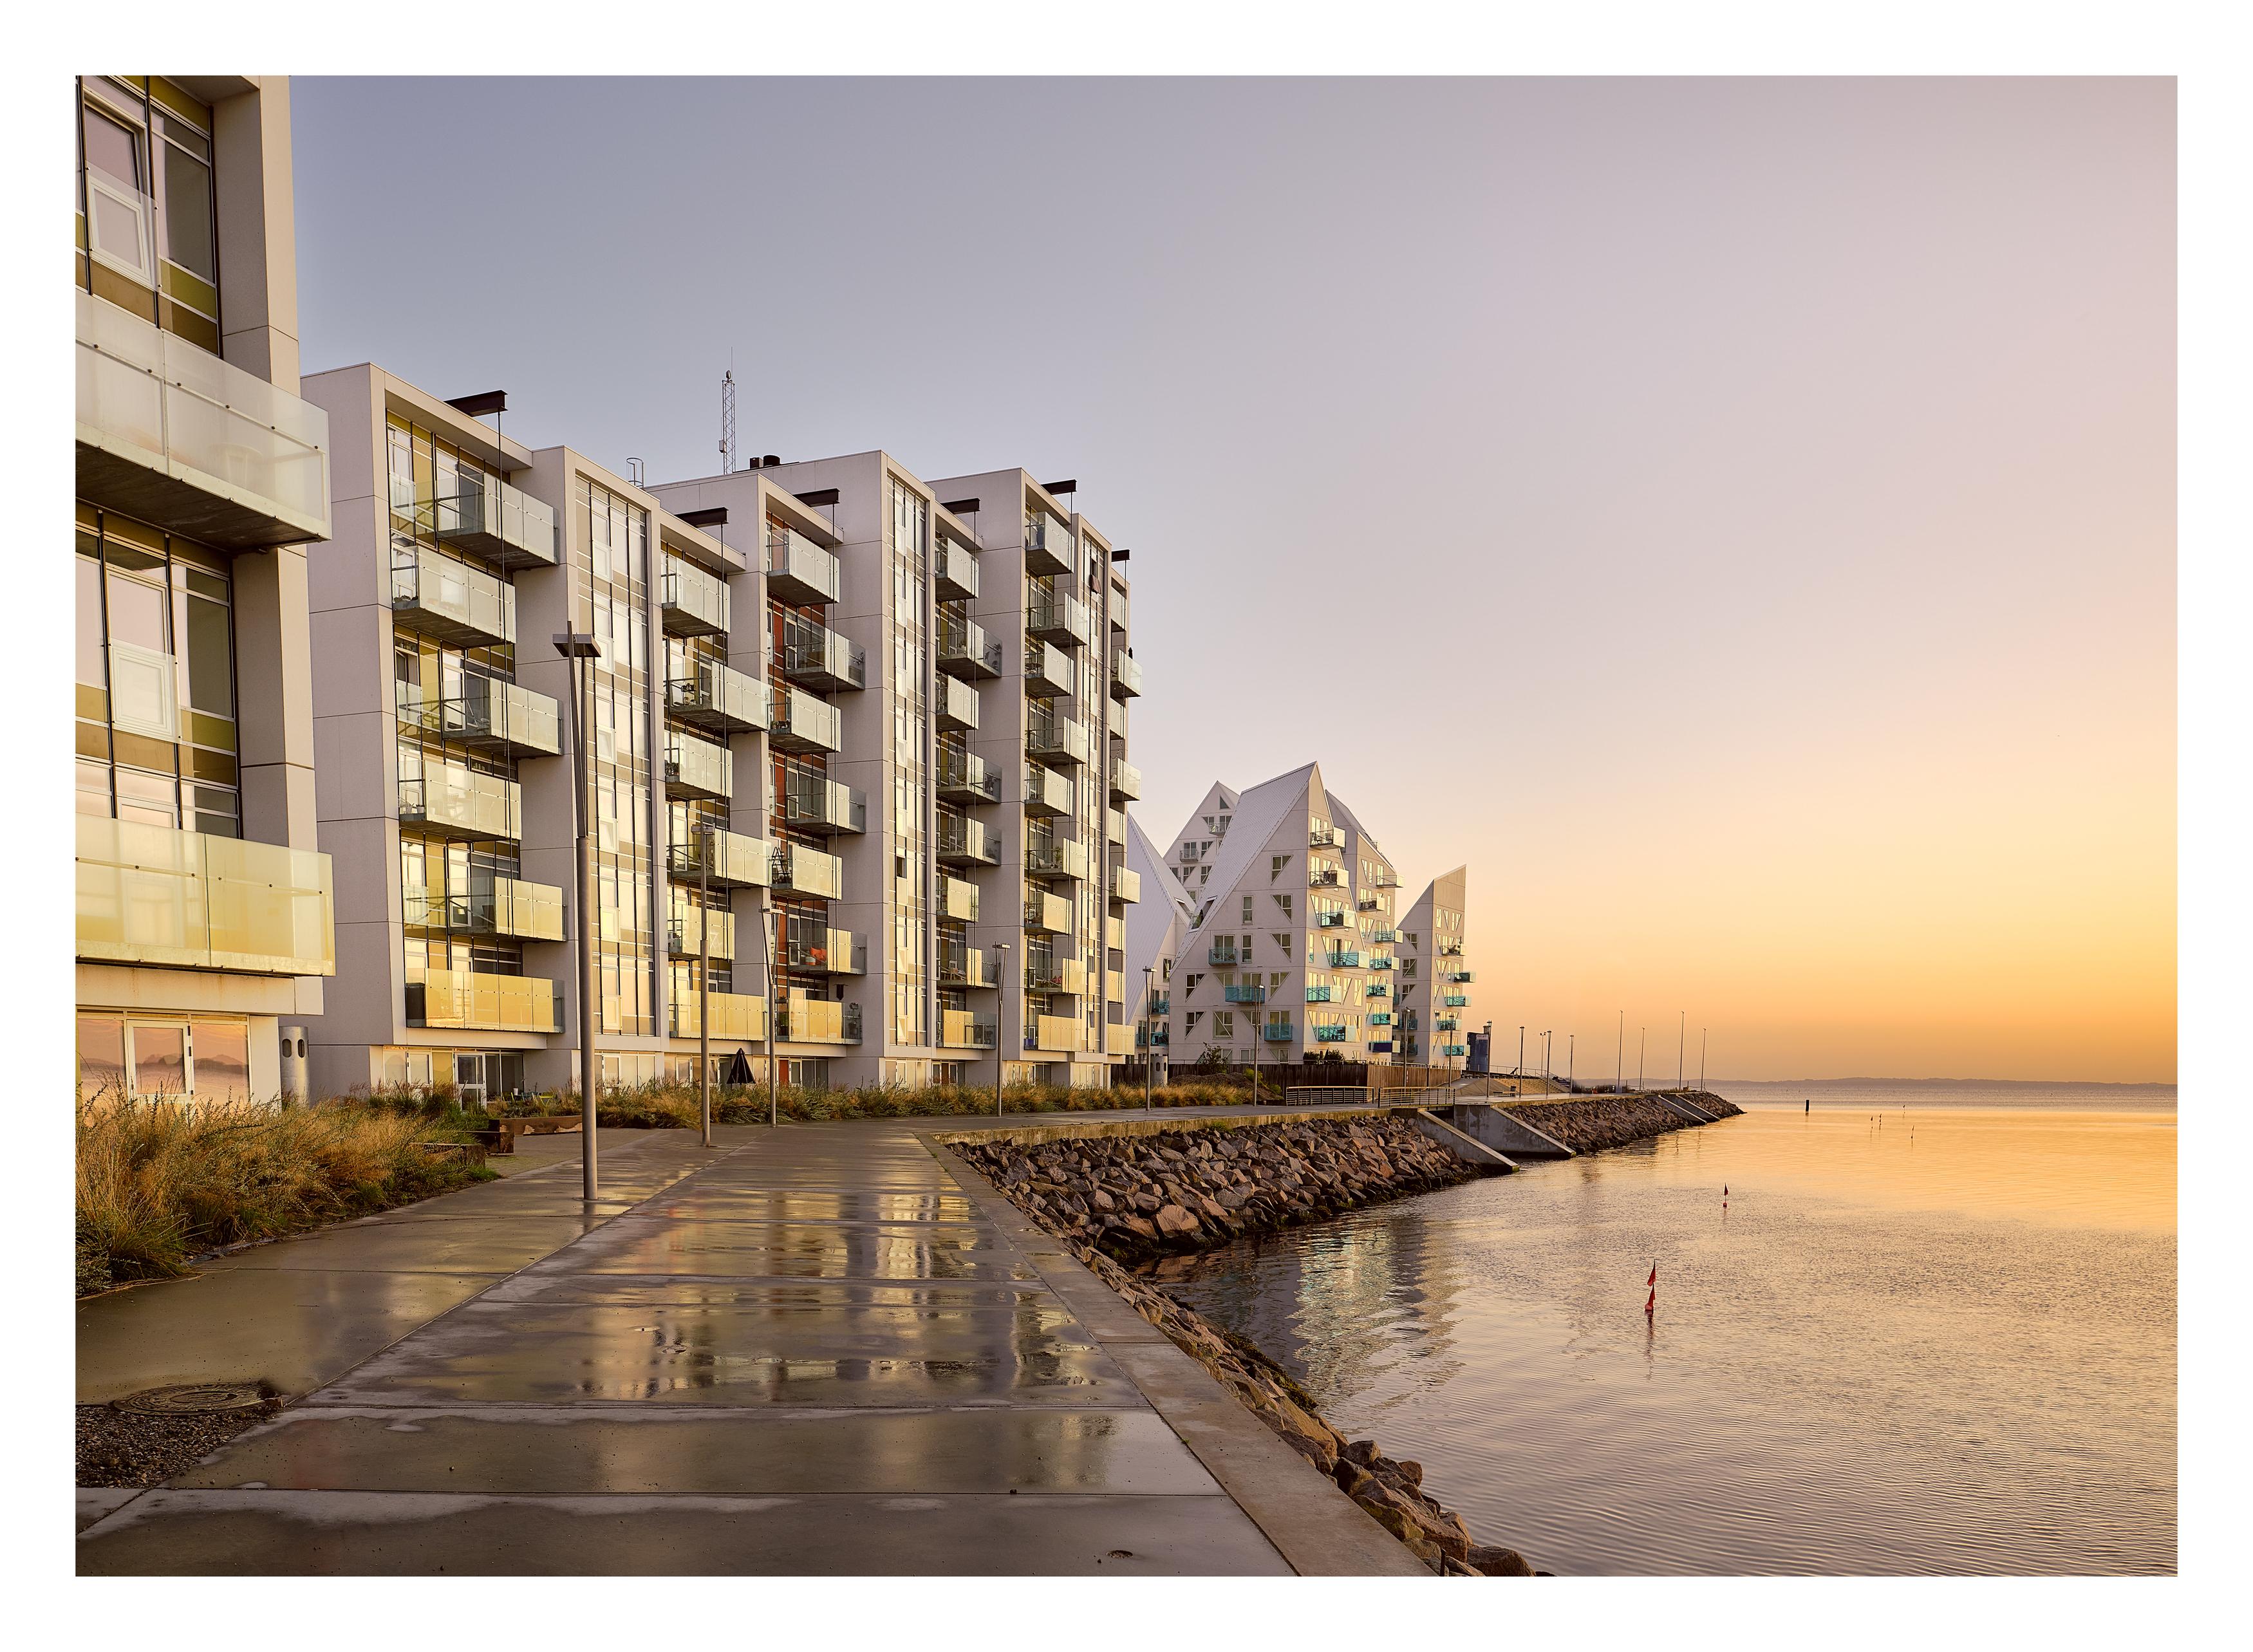 Boardwalk Aarhus